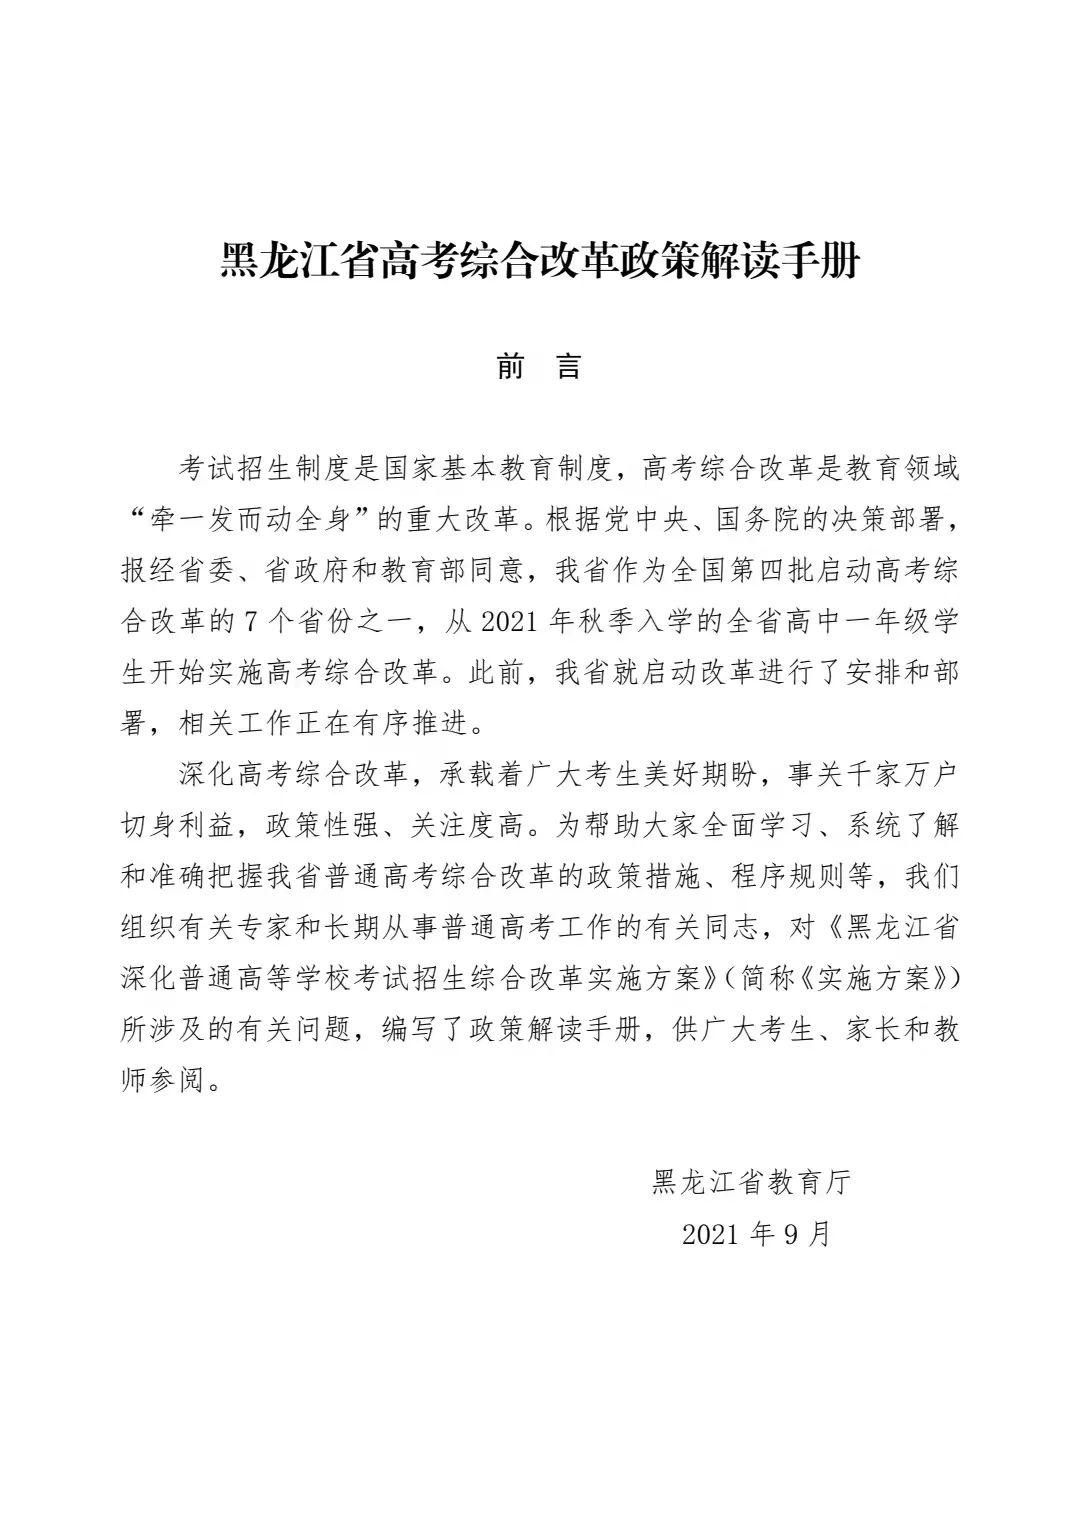 50问答让您了解黑龙江省高考综合改革